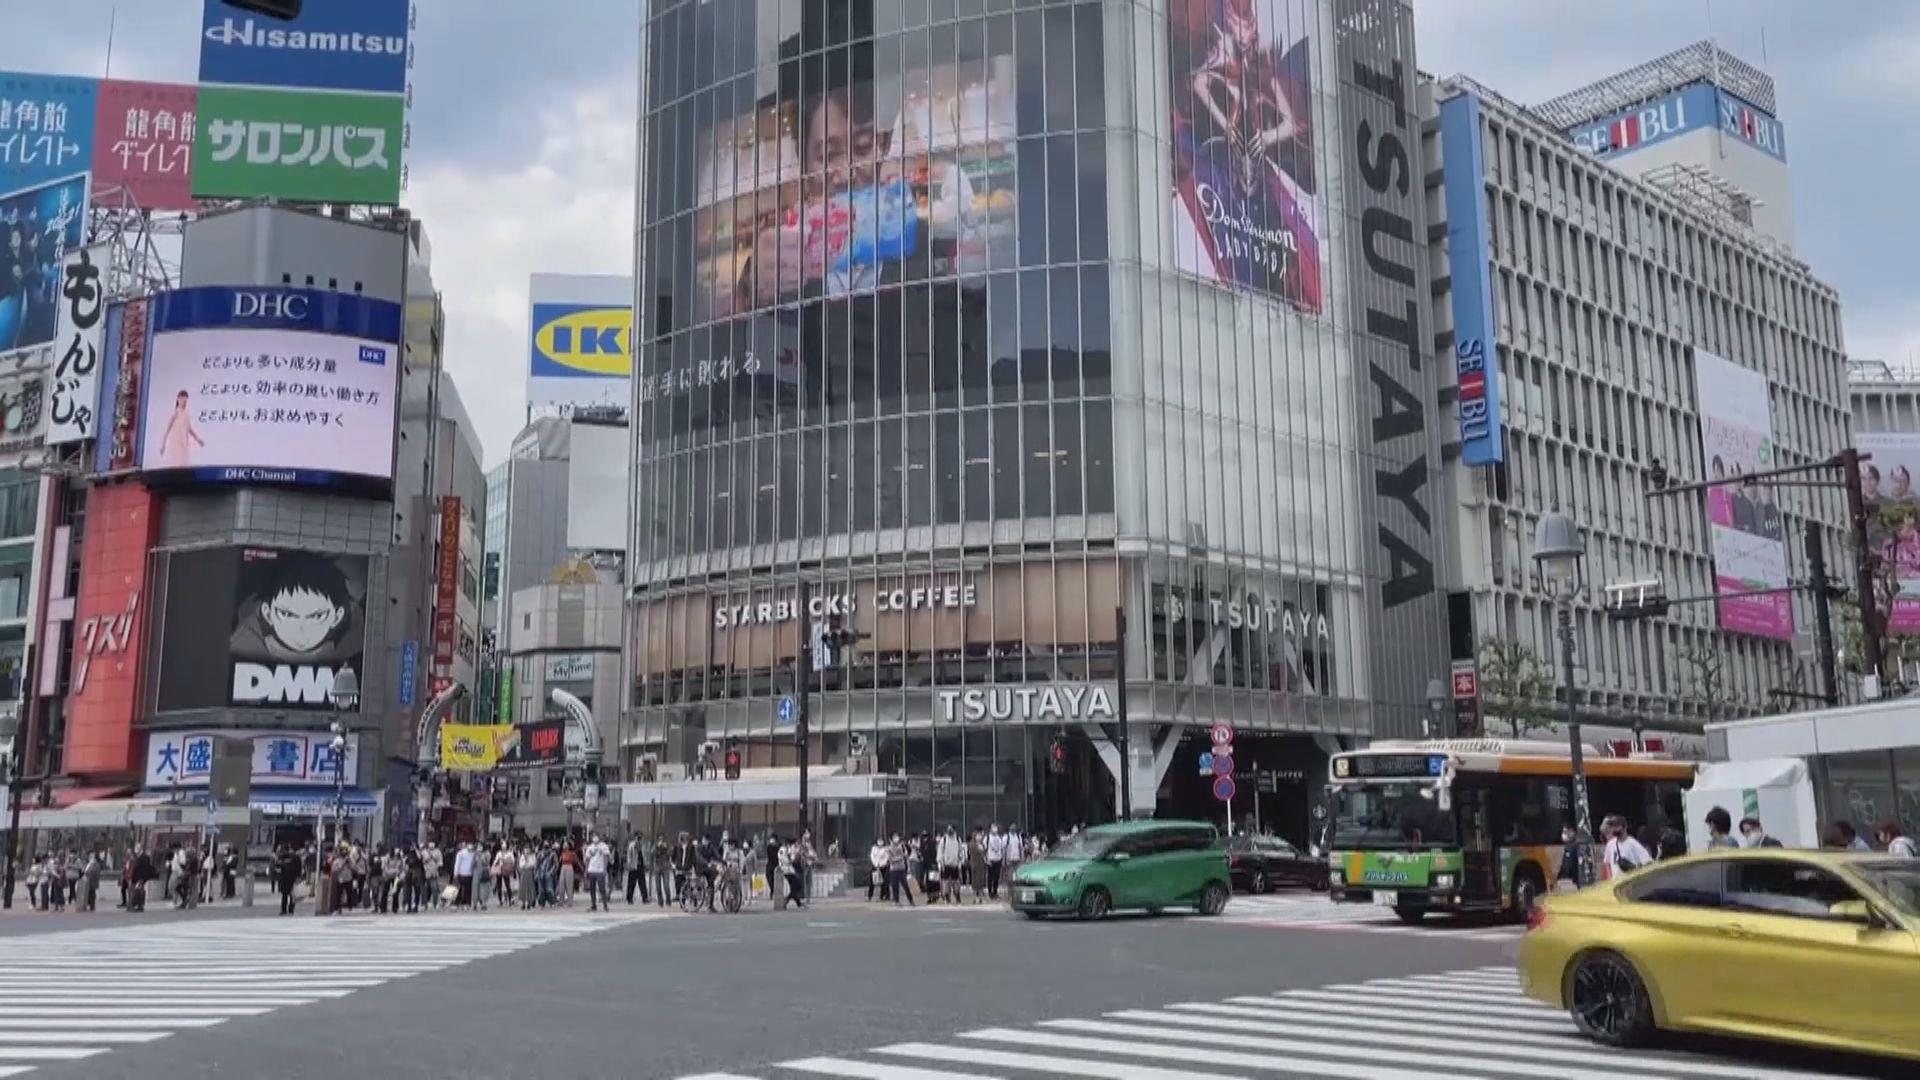 據報日本擬把東京都等地緊急狀態延長至月底